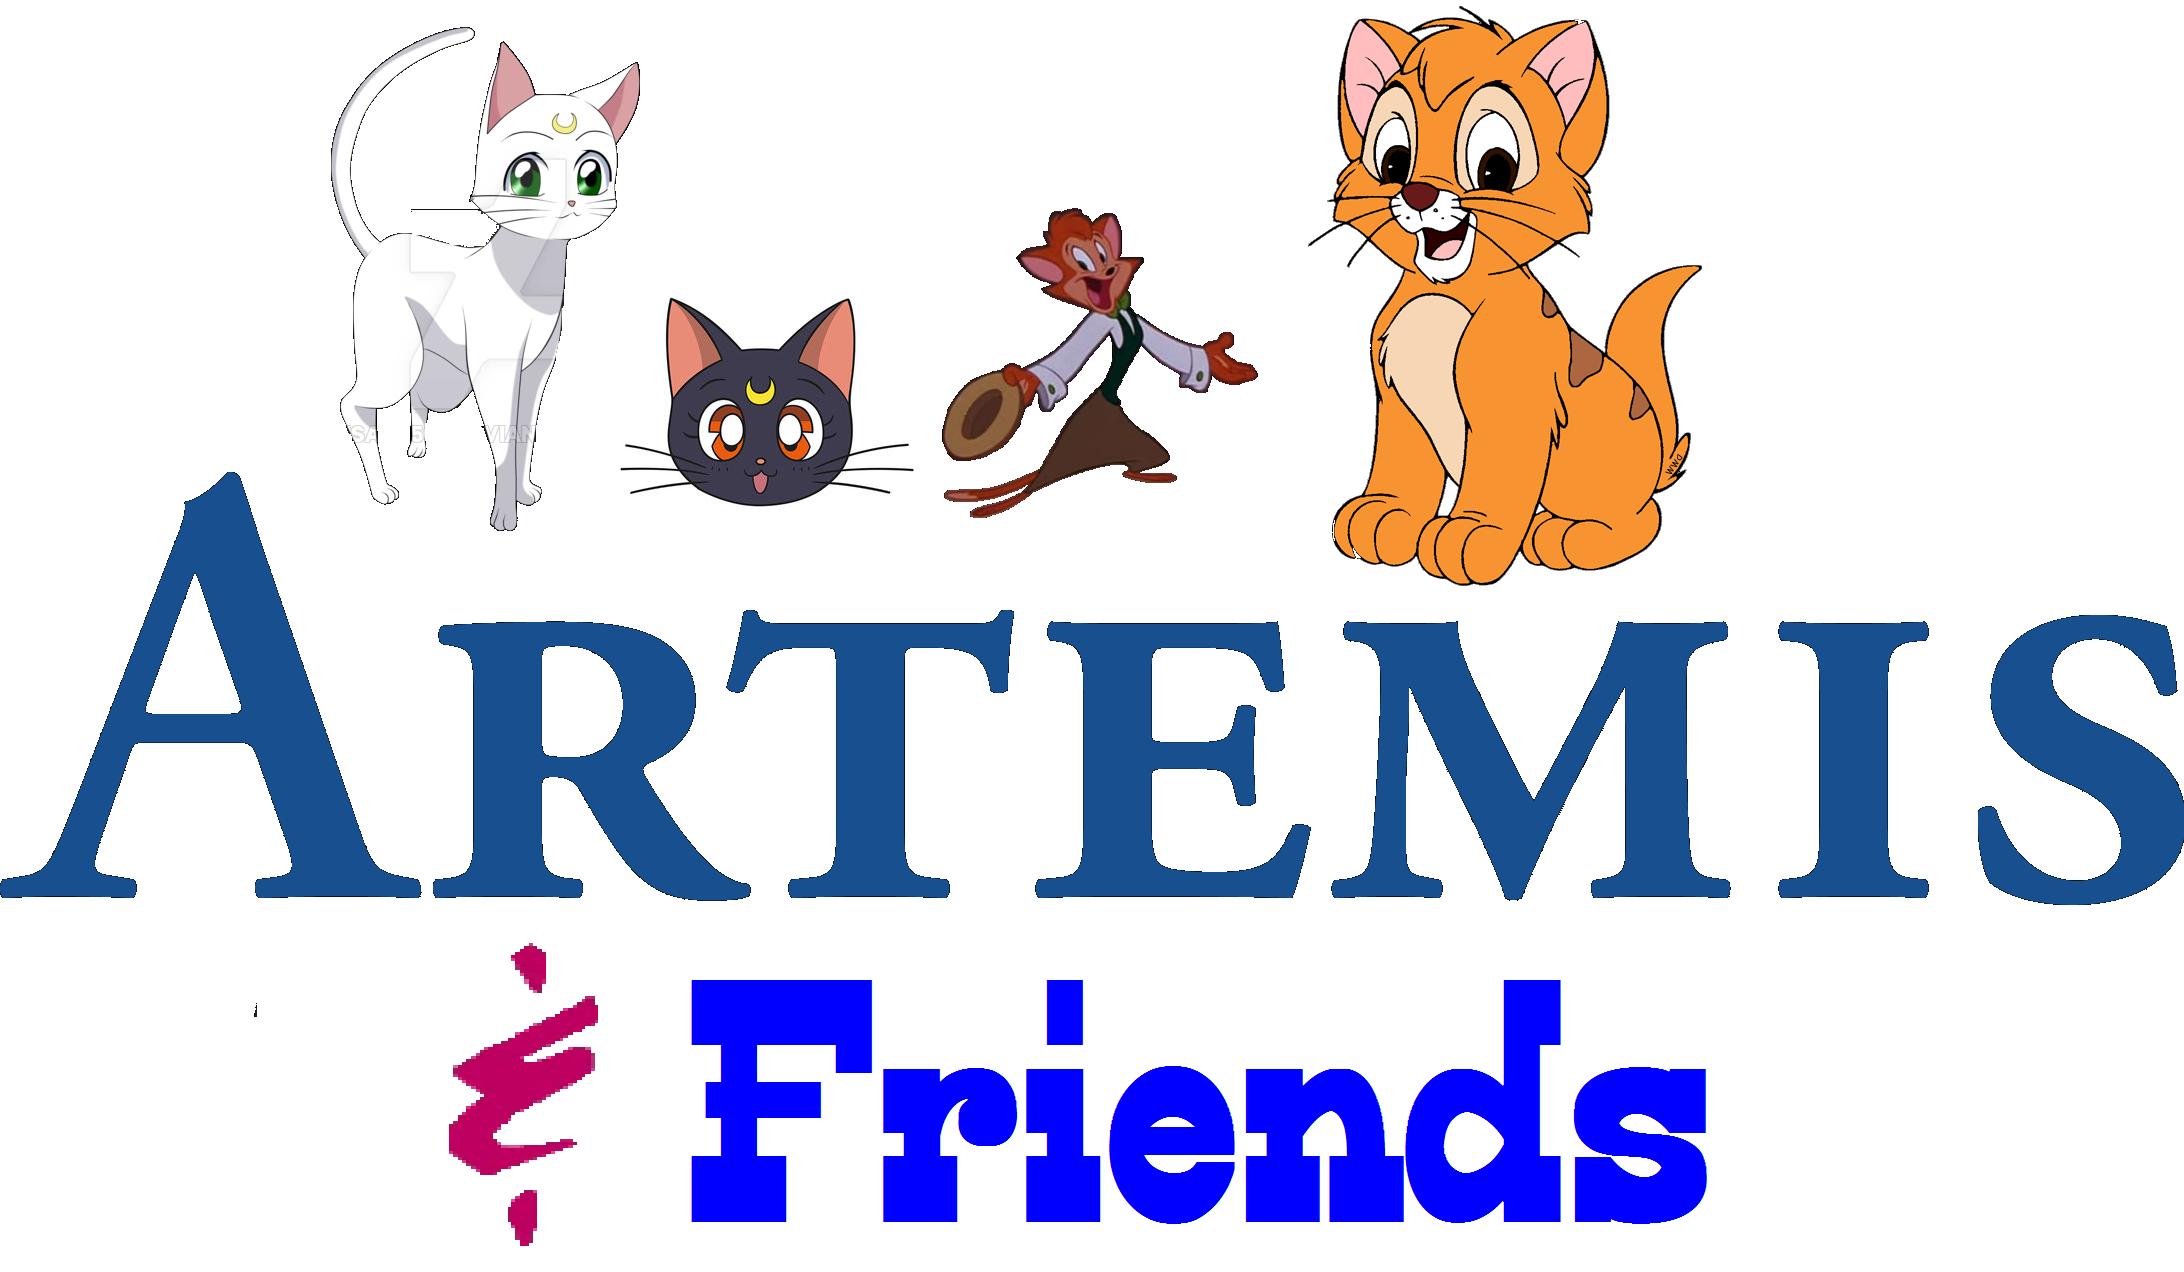 Artemis & Friends